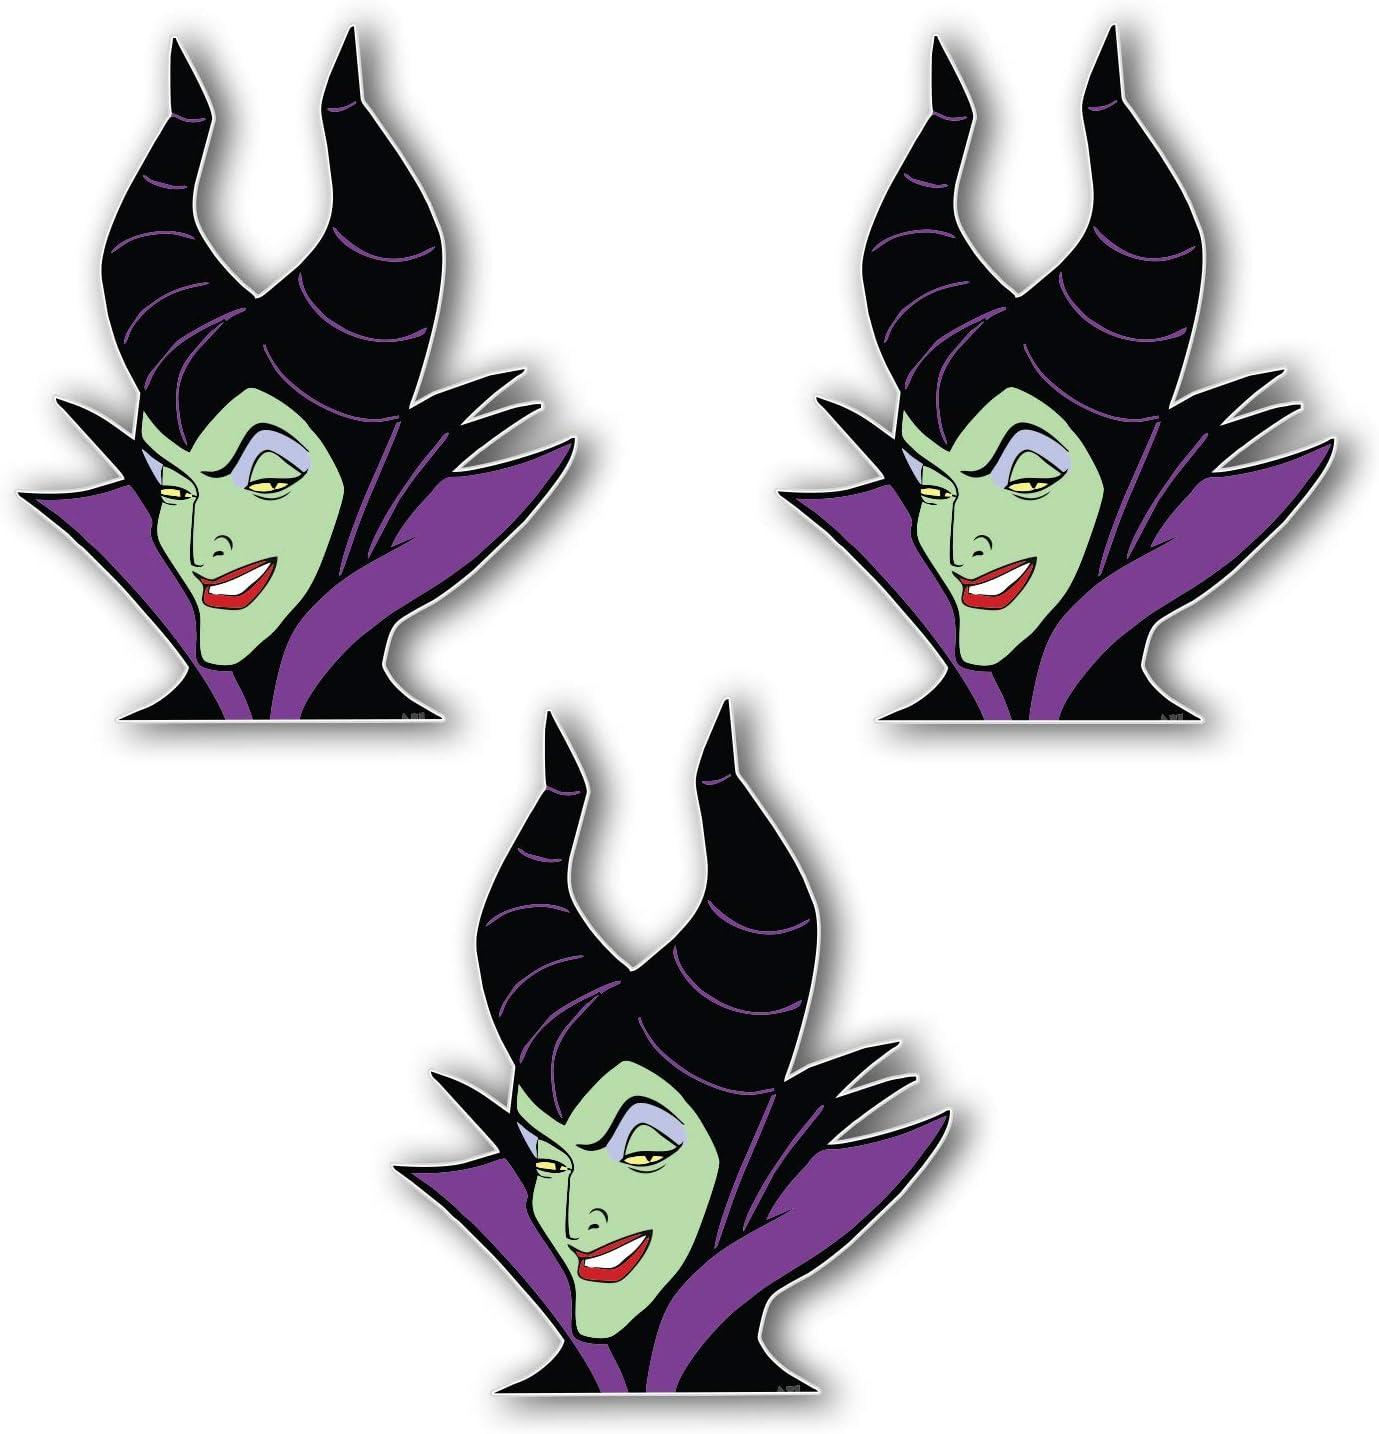 5 Longer Side Maleficent Cartoon Vinyl Sticker Art Decal Set of 3 Pieces